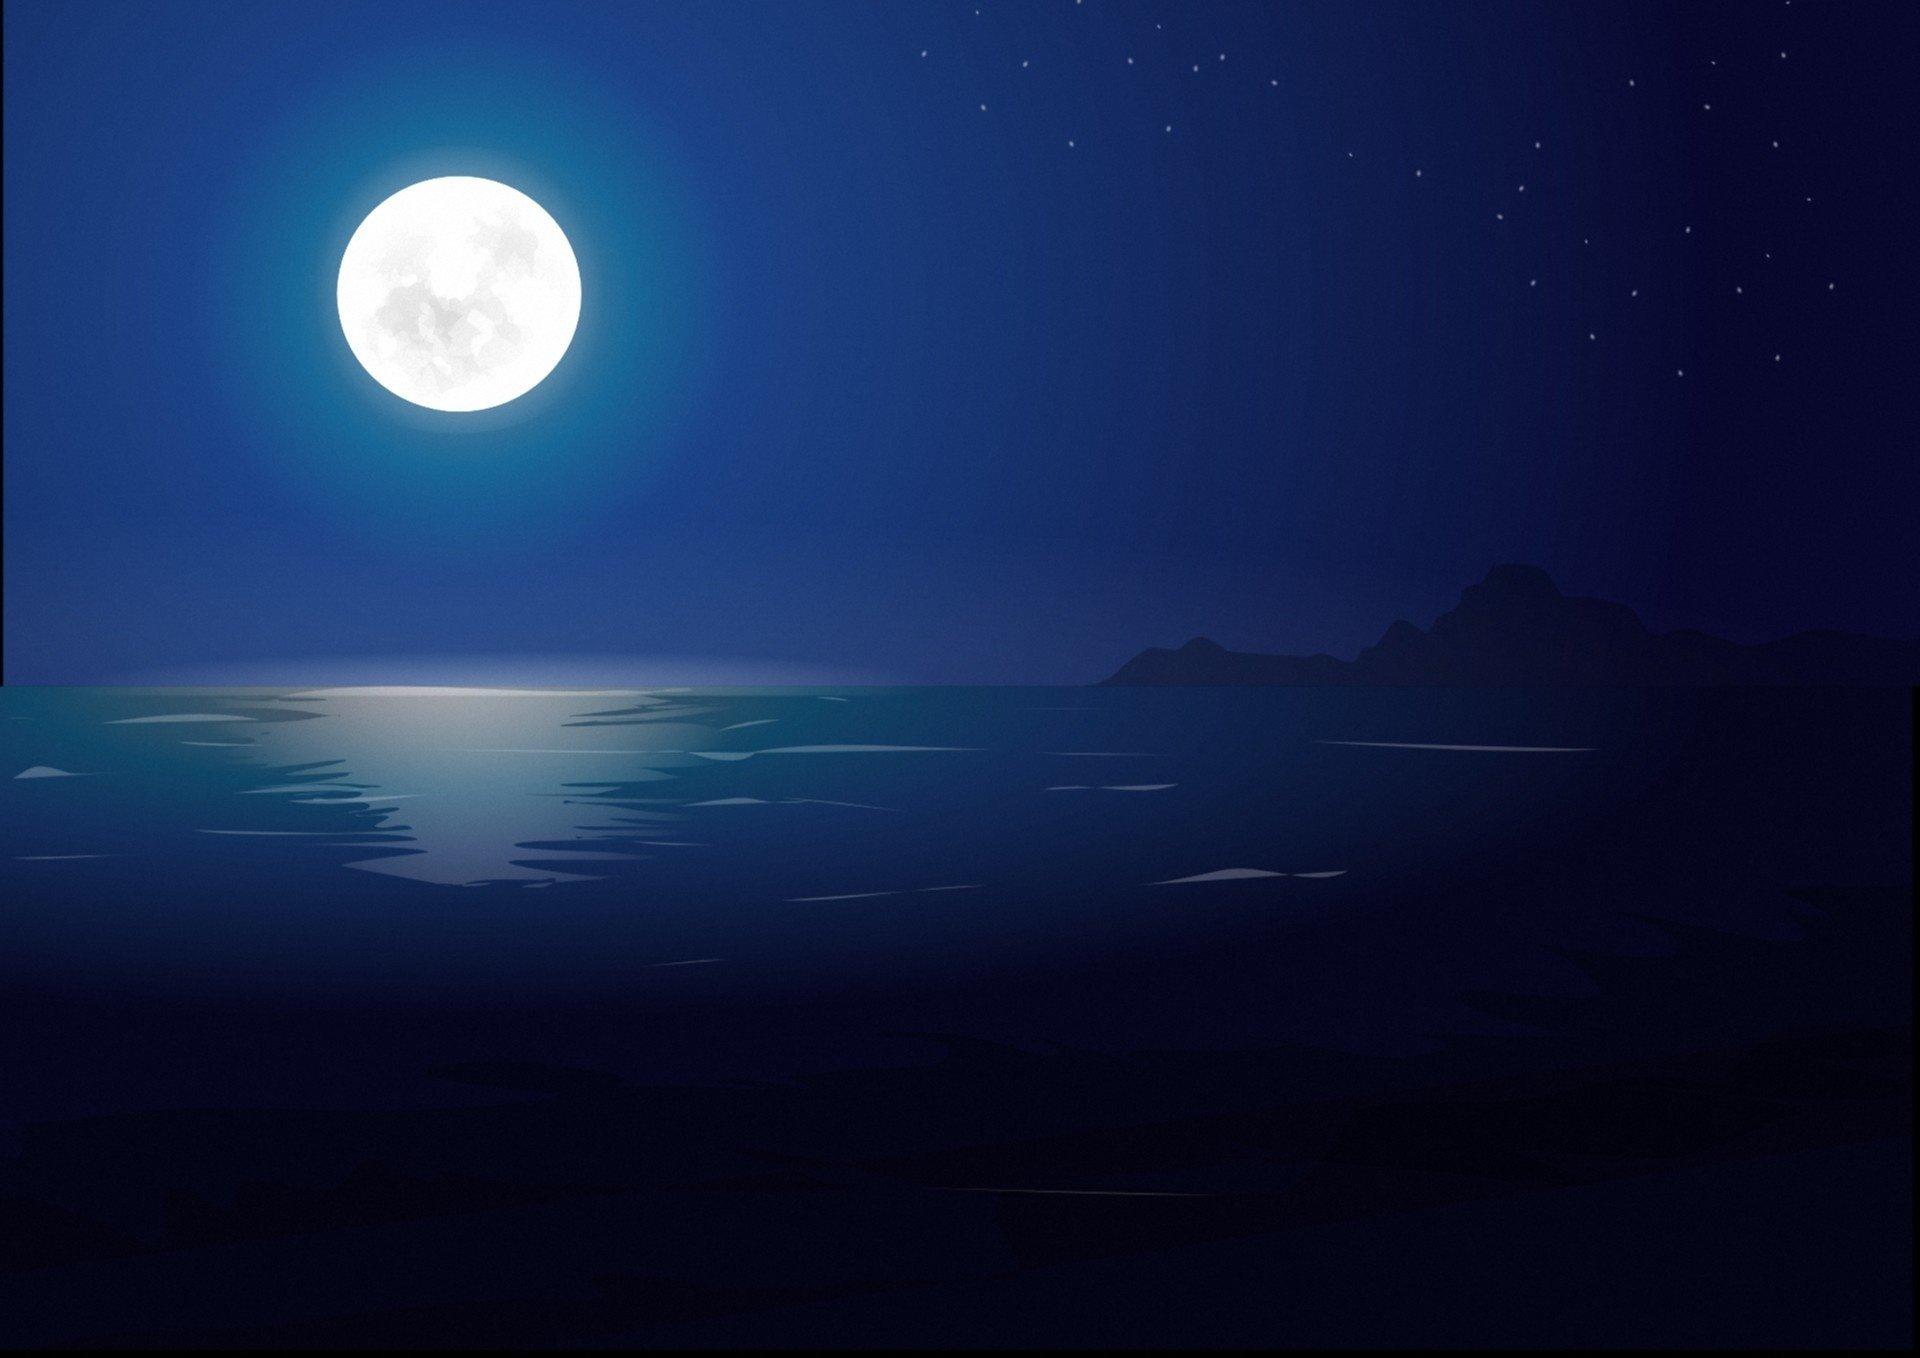 night ocean wallpaper wallpapersafari